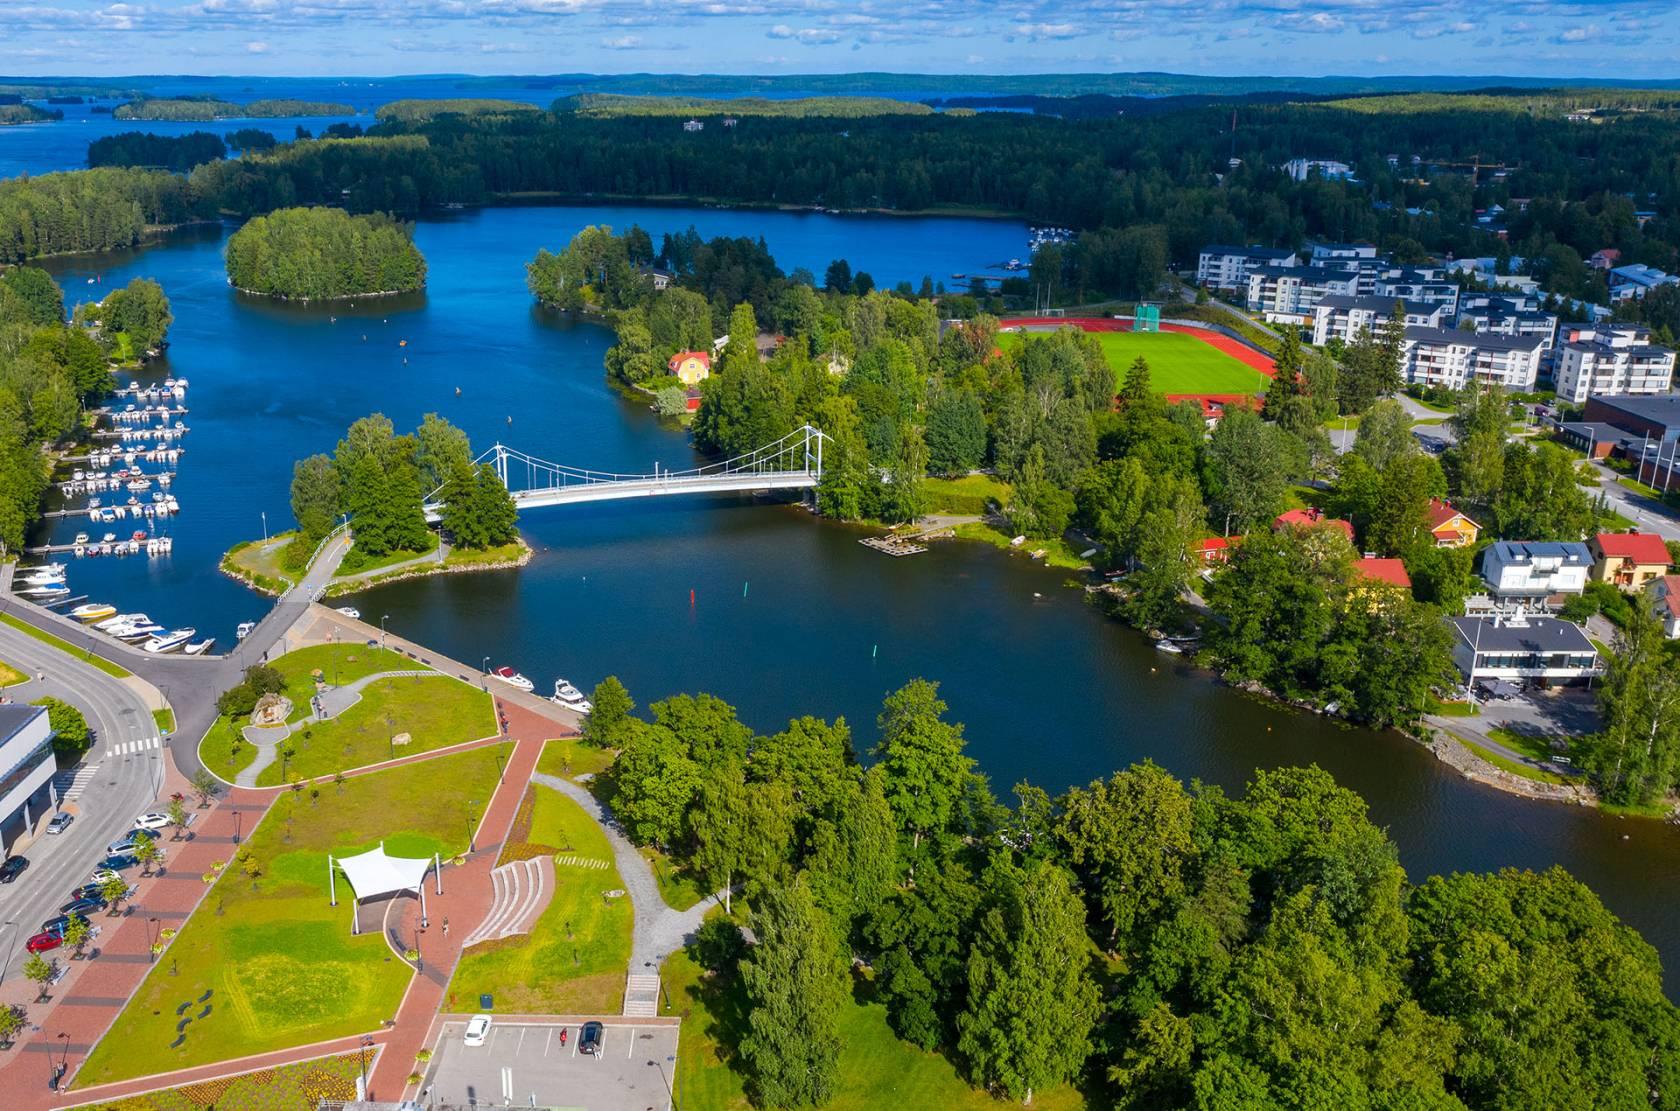 Ilmakuva Valkeakosken keskustasta kuvassa näkyy mm. Lepänkorvan puisto, Putaansilta ja Mallasveden rantaa.